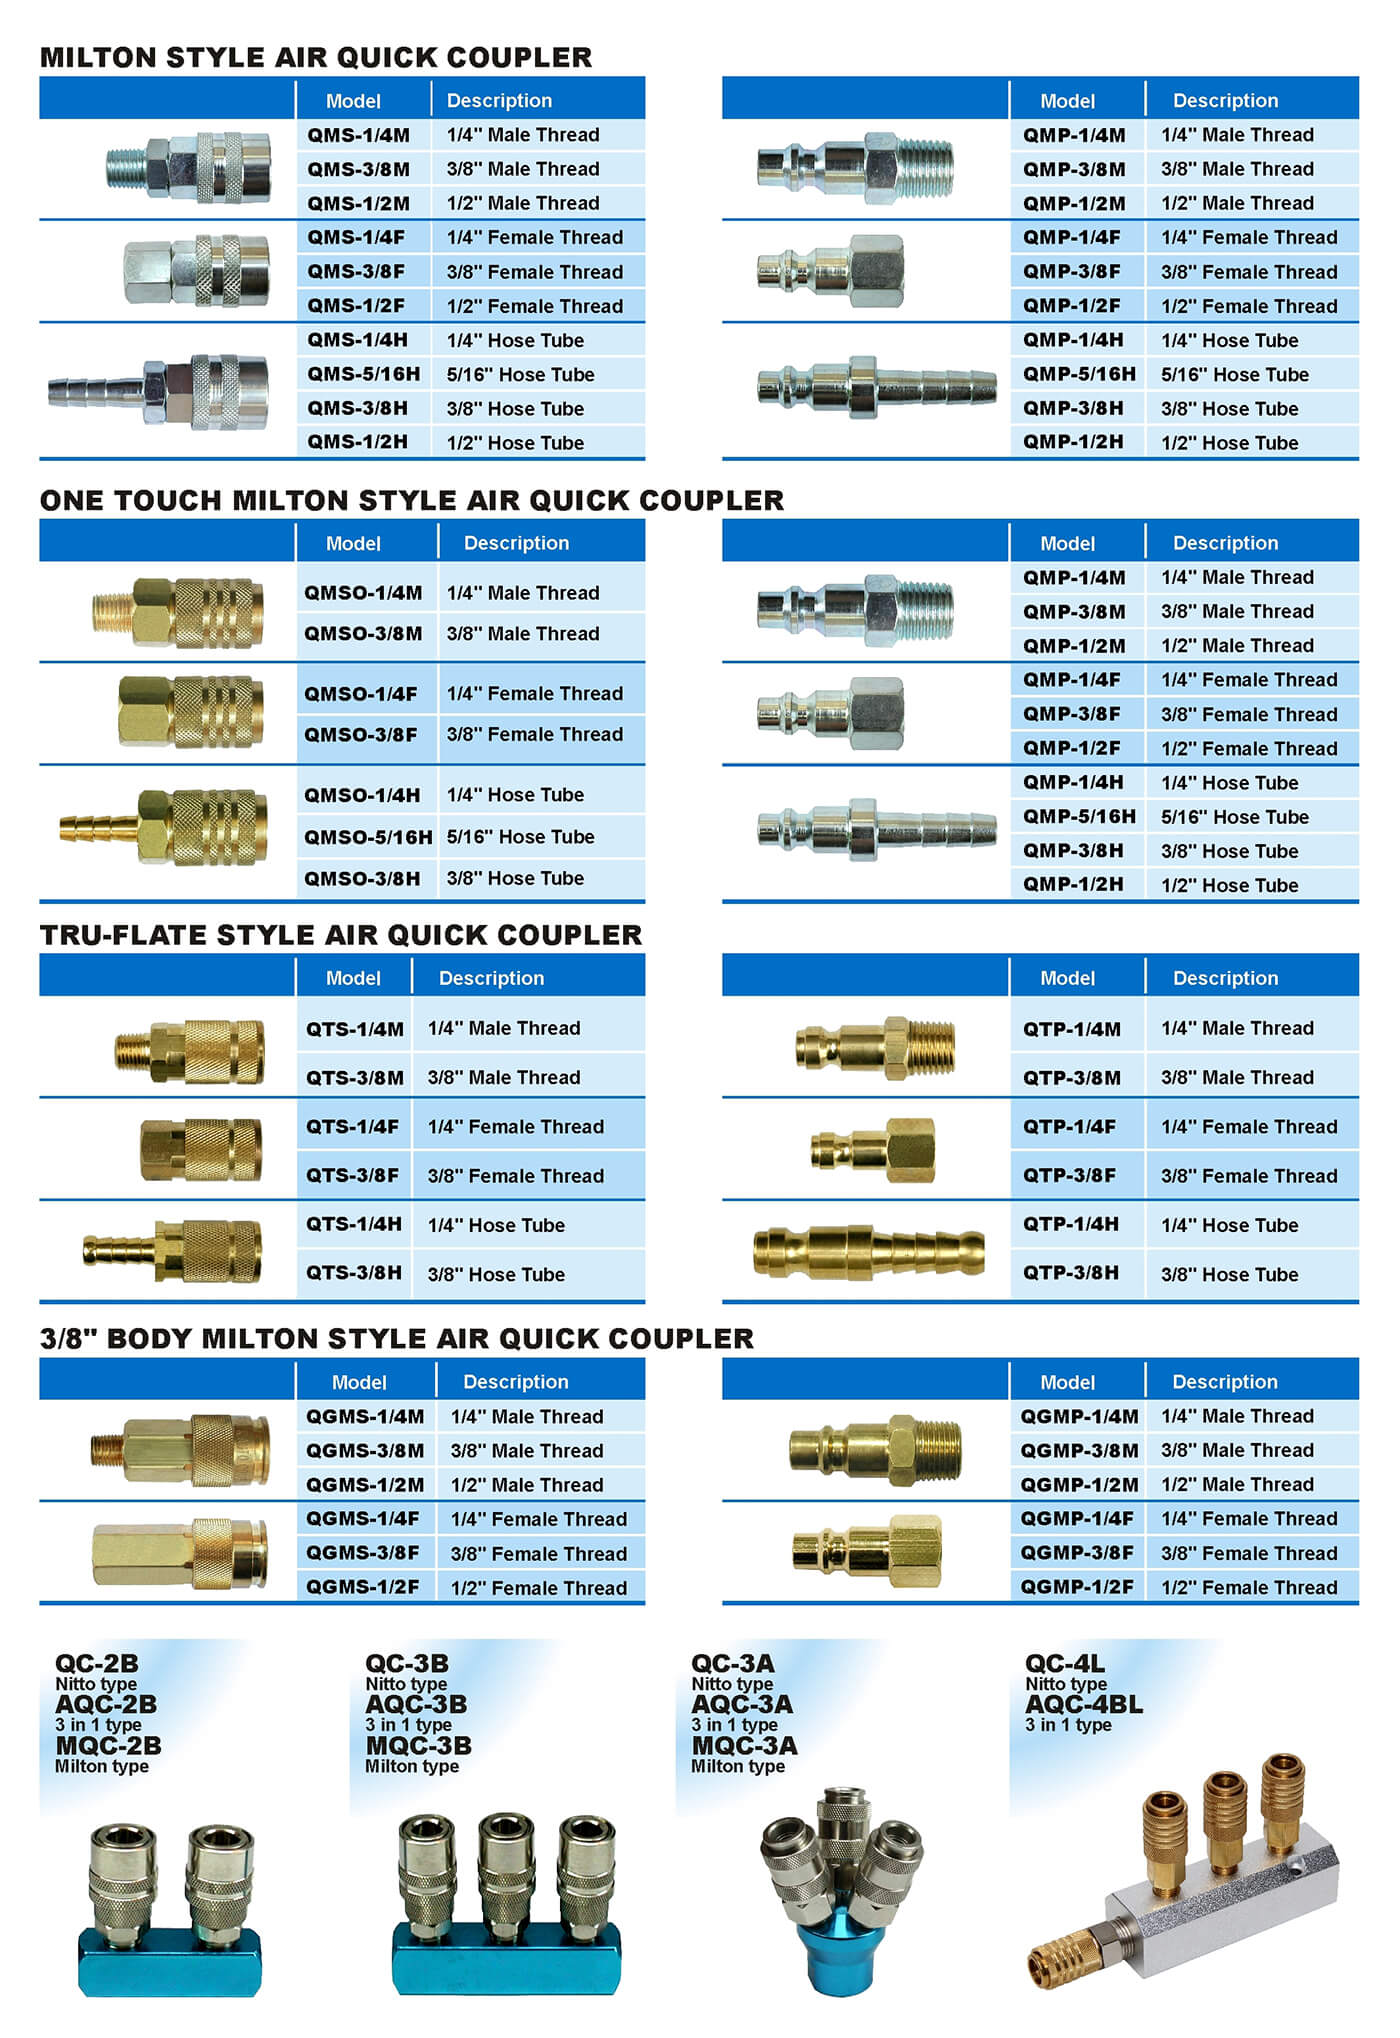 views/proimages/pd-en/PIC-1980/119-120_Air_Quick_Coupler/P120.jpg